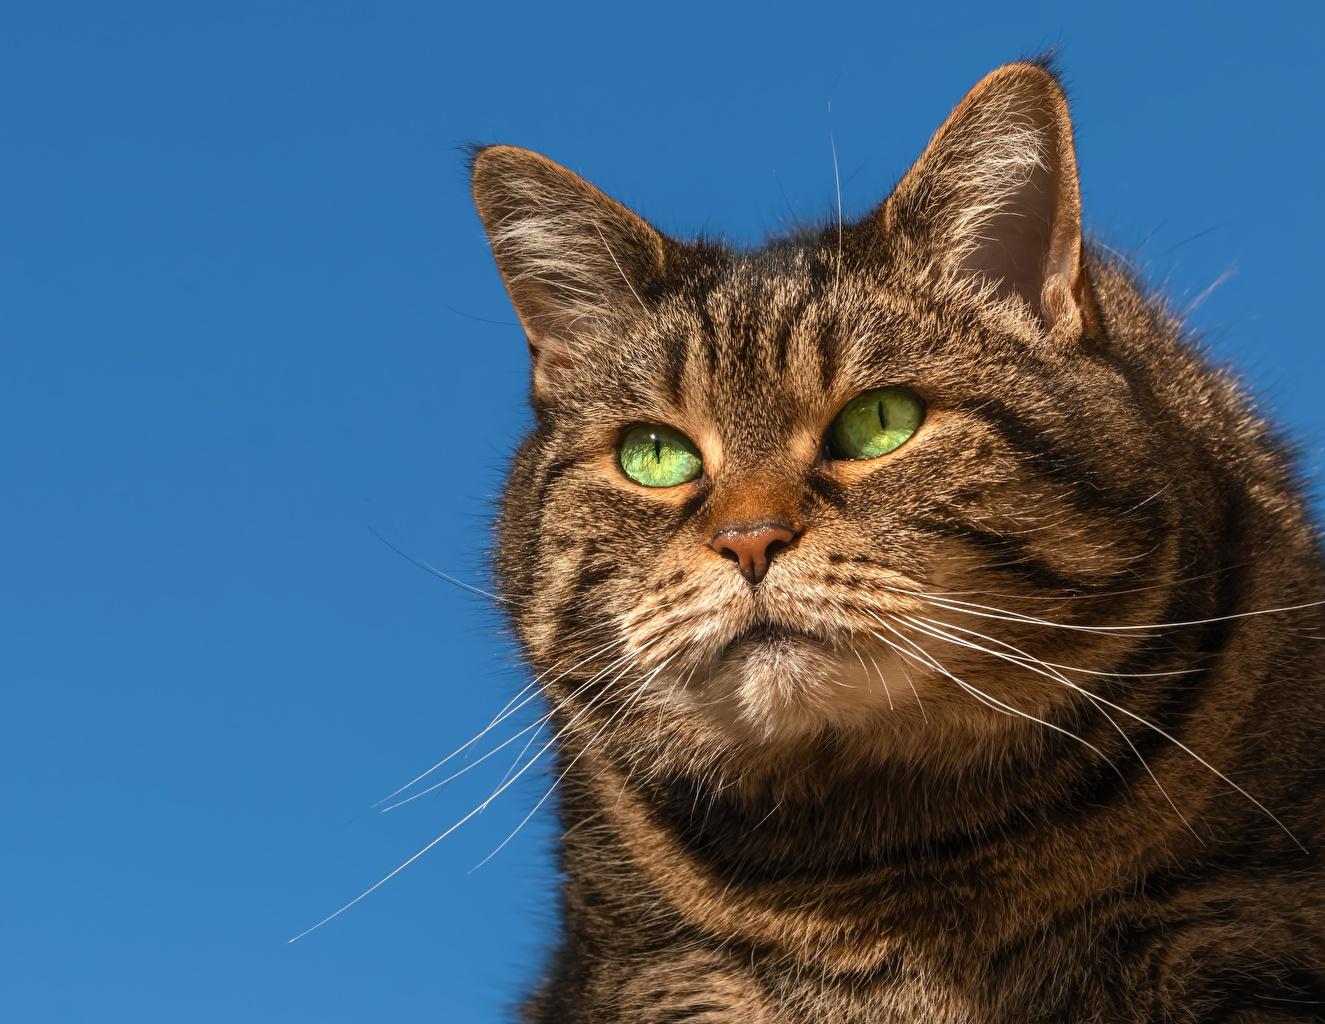 Картинка Коты жирный Усы Вибриссы Морда смотрит Животные Кошки Толстый Взгляд